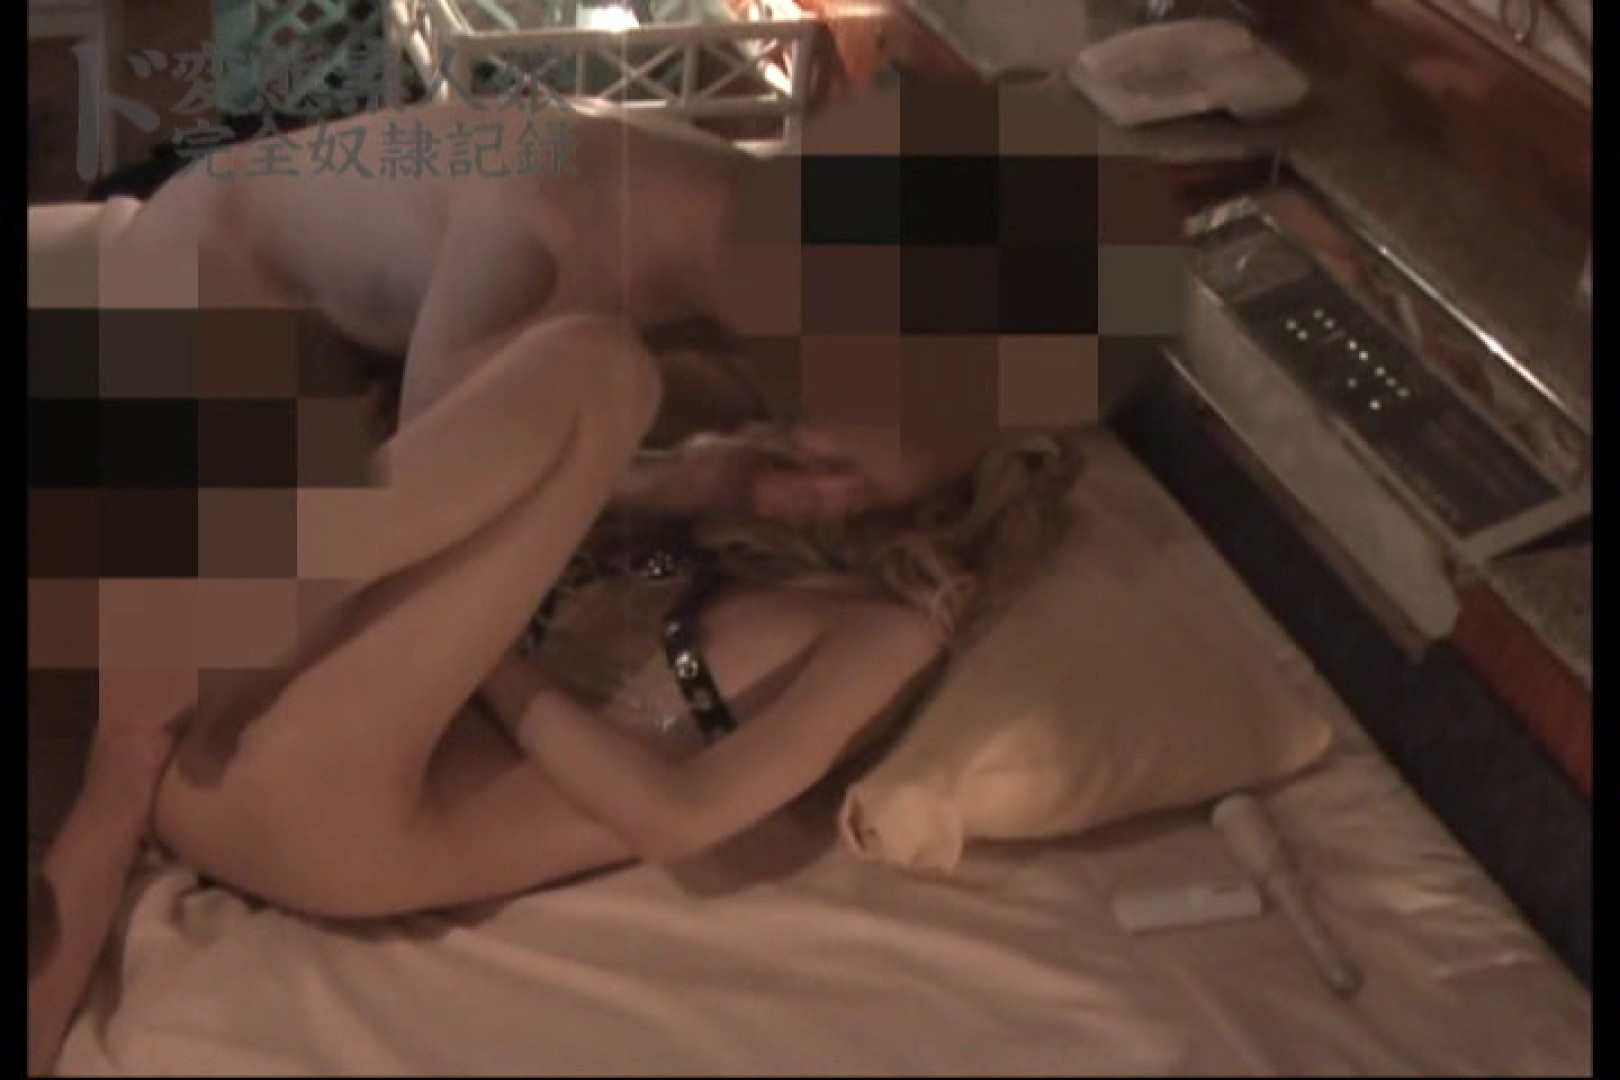 ド変態素人嬢完全奴隷記録 ~其の漆~ 一般投稿 おまんこ無修正動画無料 107pic 32